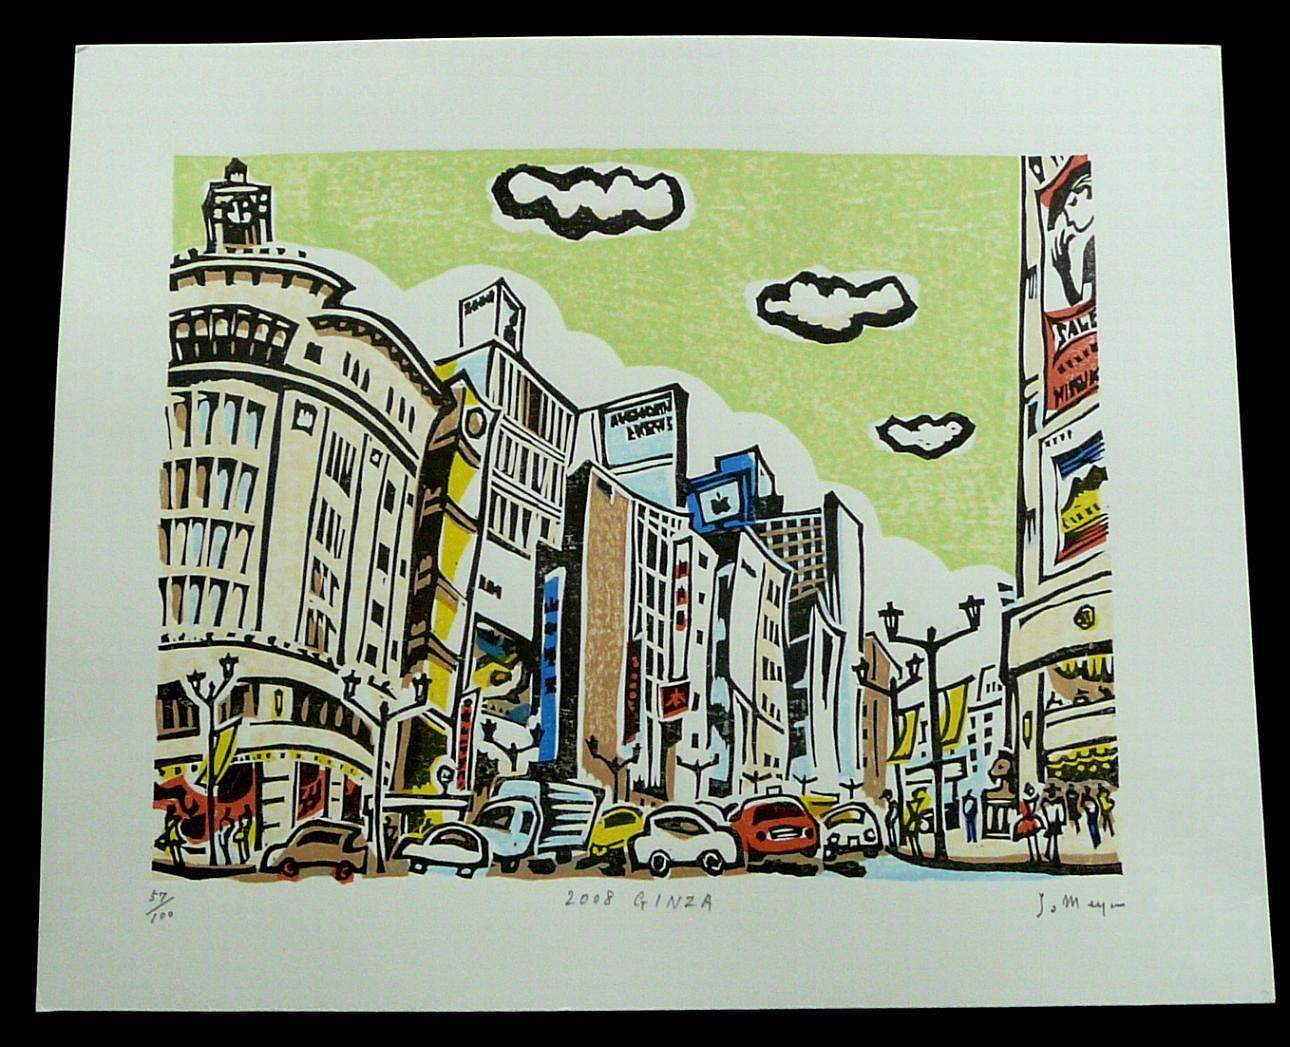 HISAO SOMEYA: #P2541 GINZA 09-04